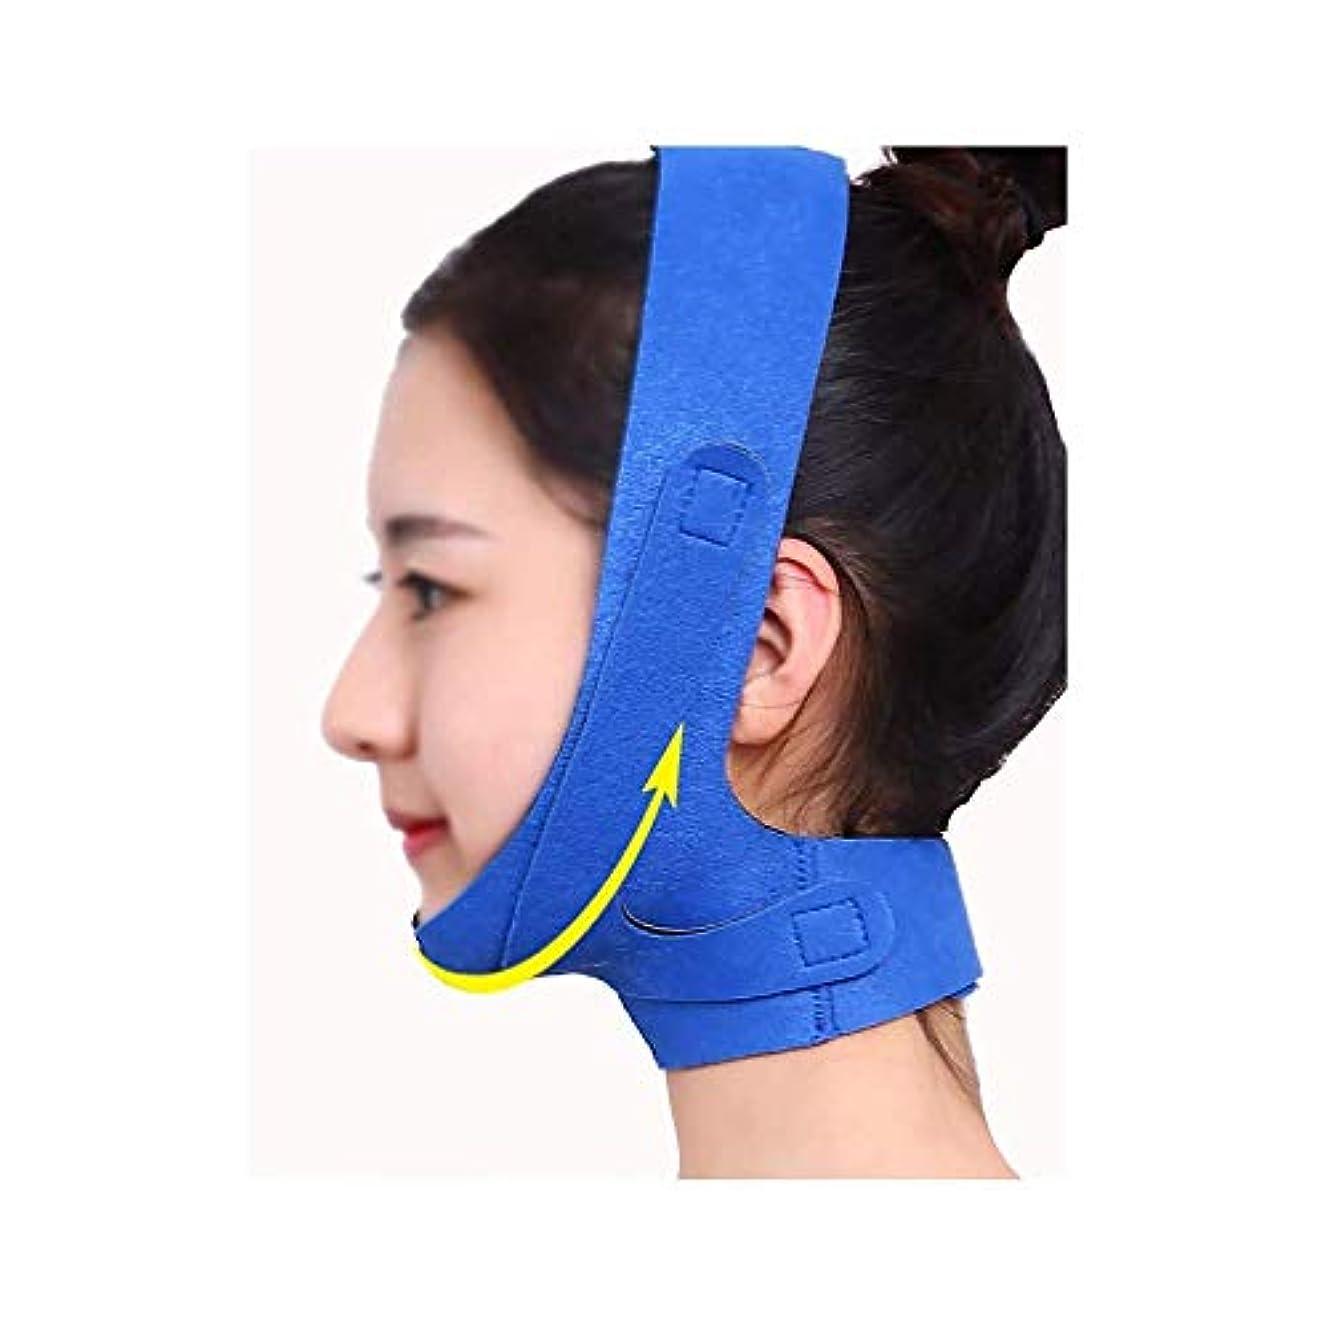 グラマー体系的にグローバルHEMFV Vフェイスラインベルトチンチークスリムリフトアップアンチリンクルマスクの超薄型ストラップバンドVフェイスラインベルトストラップバンド、ブルー